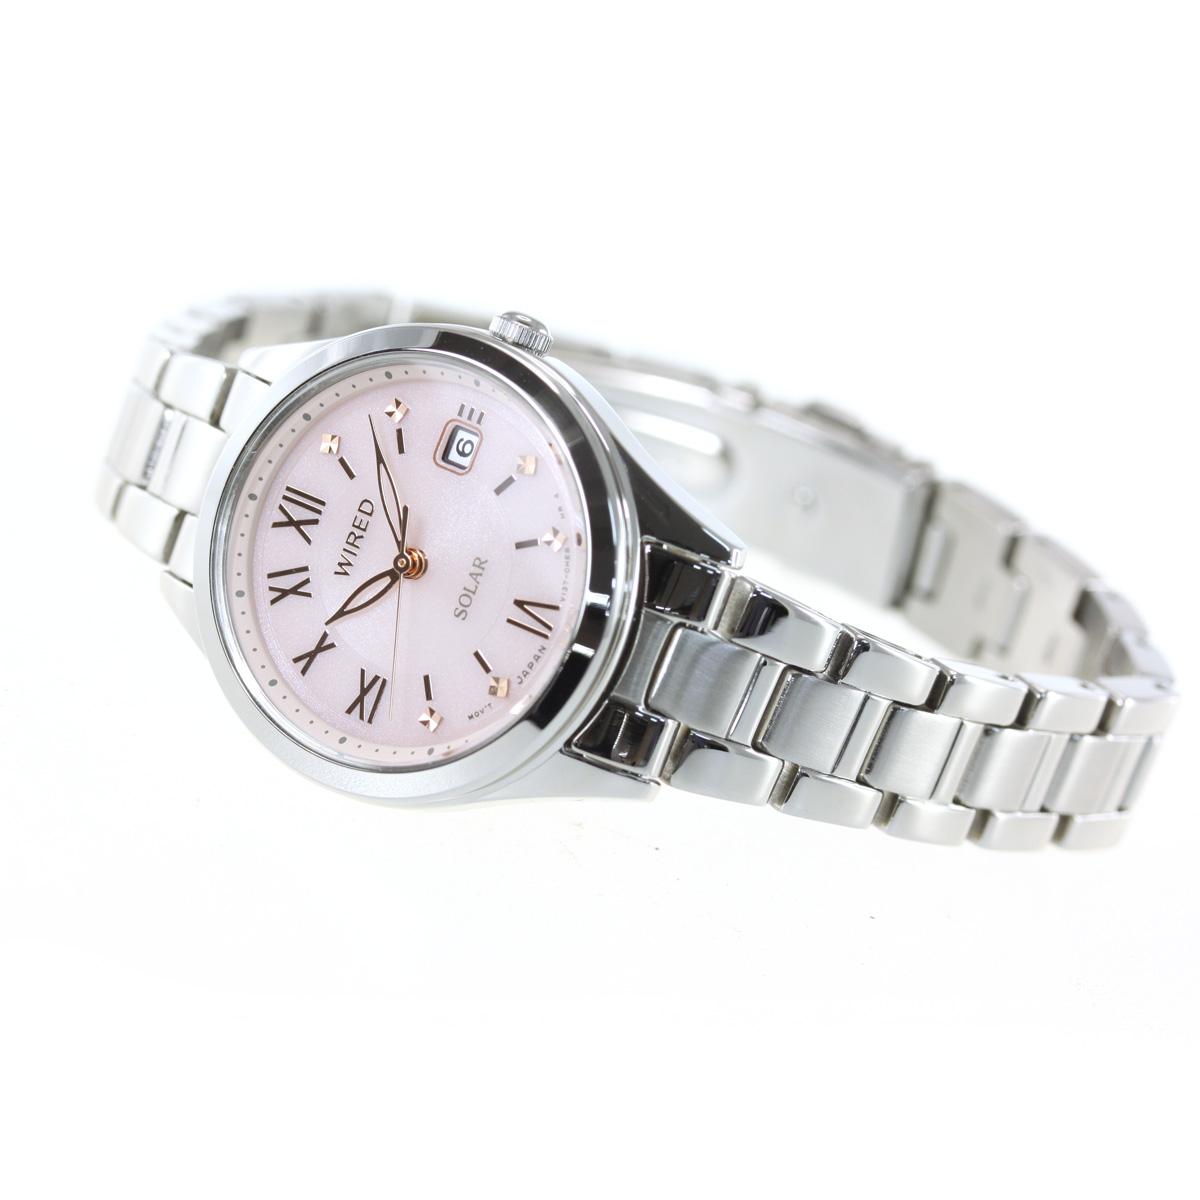 セイコー ワイアード ペアスタイル SEIKO WIRED PAIR STYLE ソーラー 腕時計 レディース AGED105